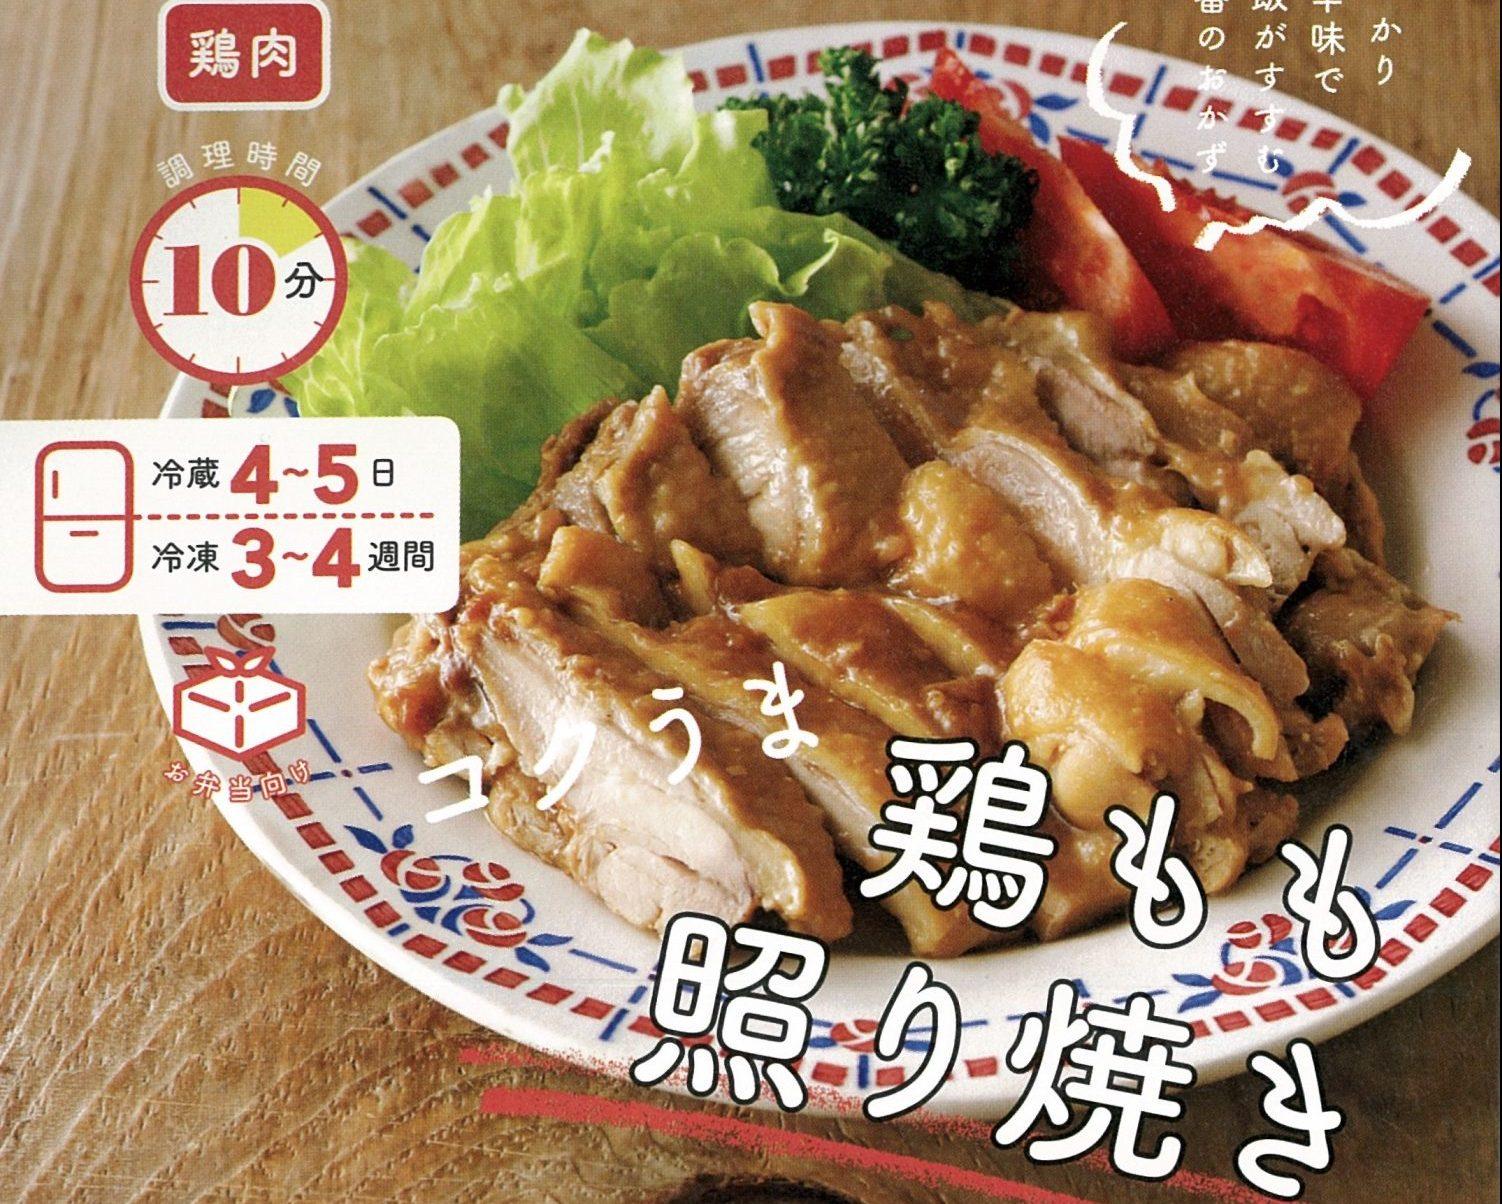 (アイキャッチ)電子レンジレシピ「コクうま鶏もも照り焼き」、翌日は親子丼にしちゃおう